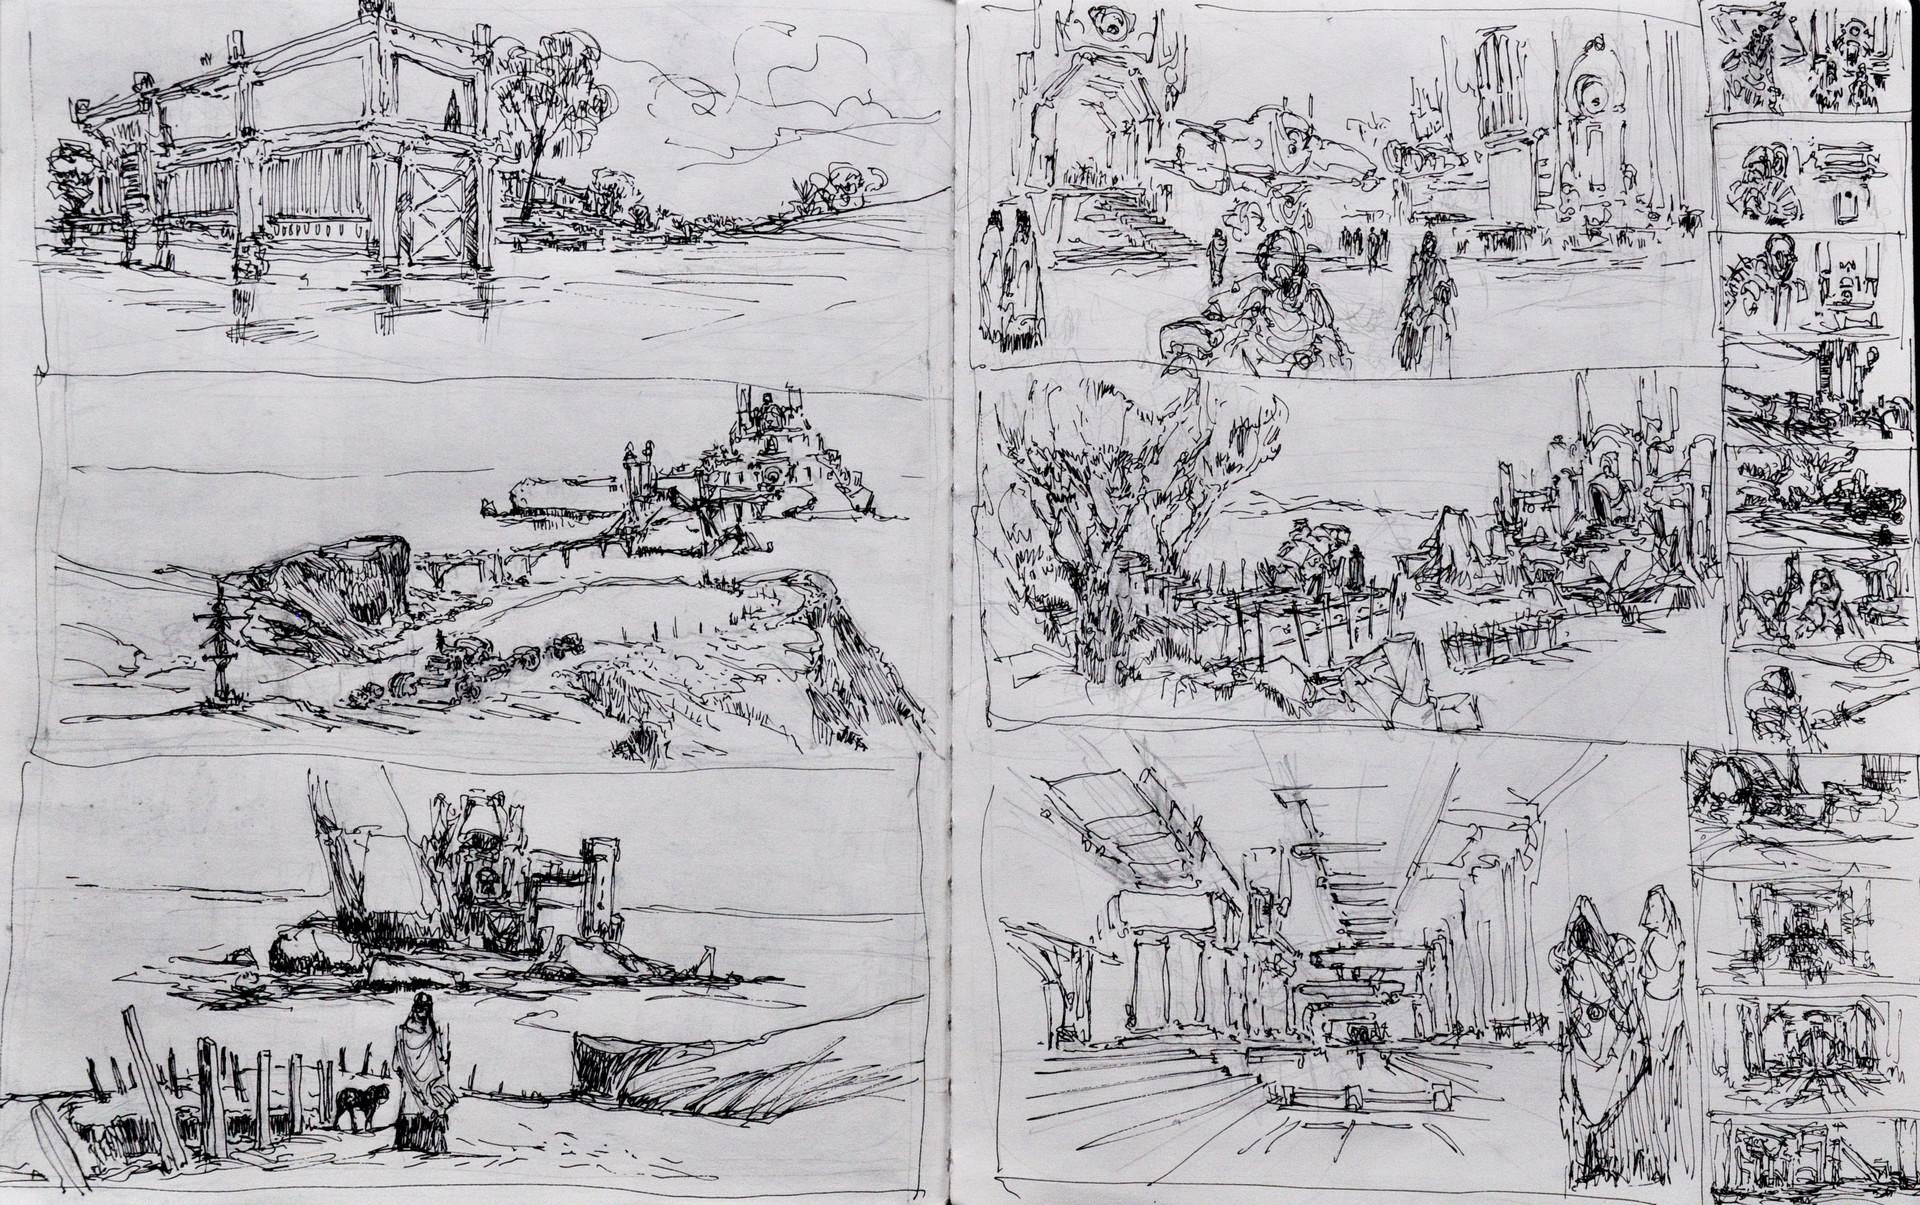 Wojciech bajor lokacje szkice 3